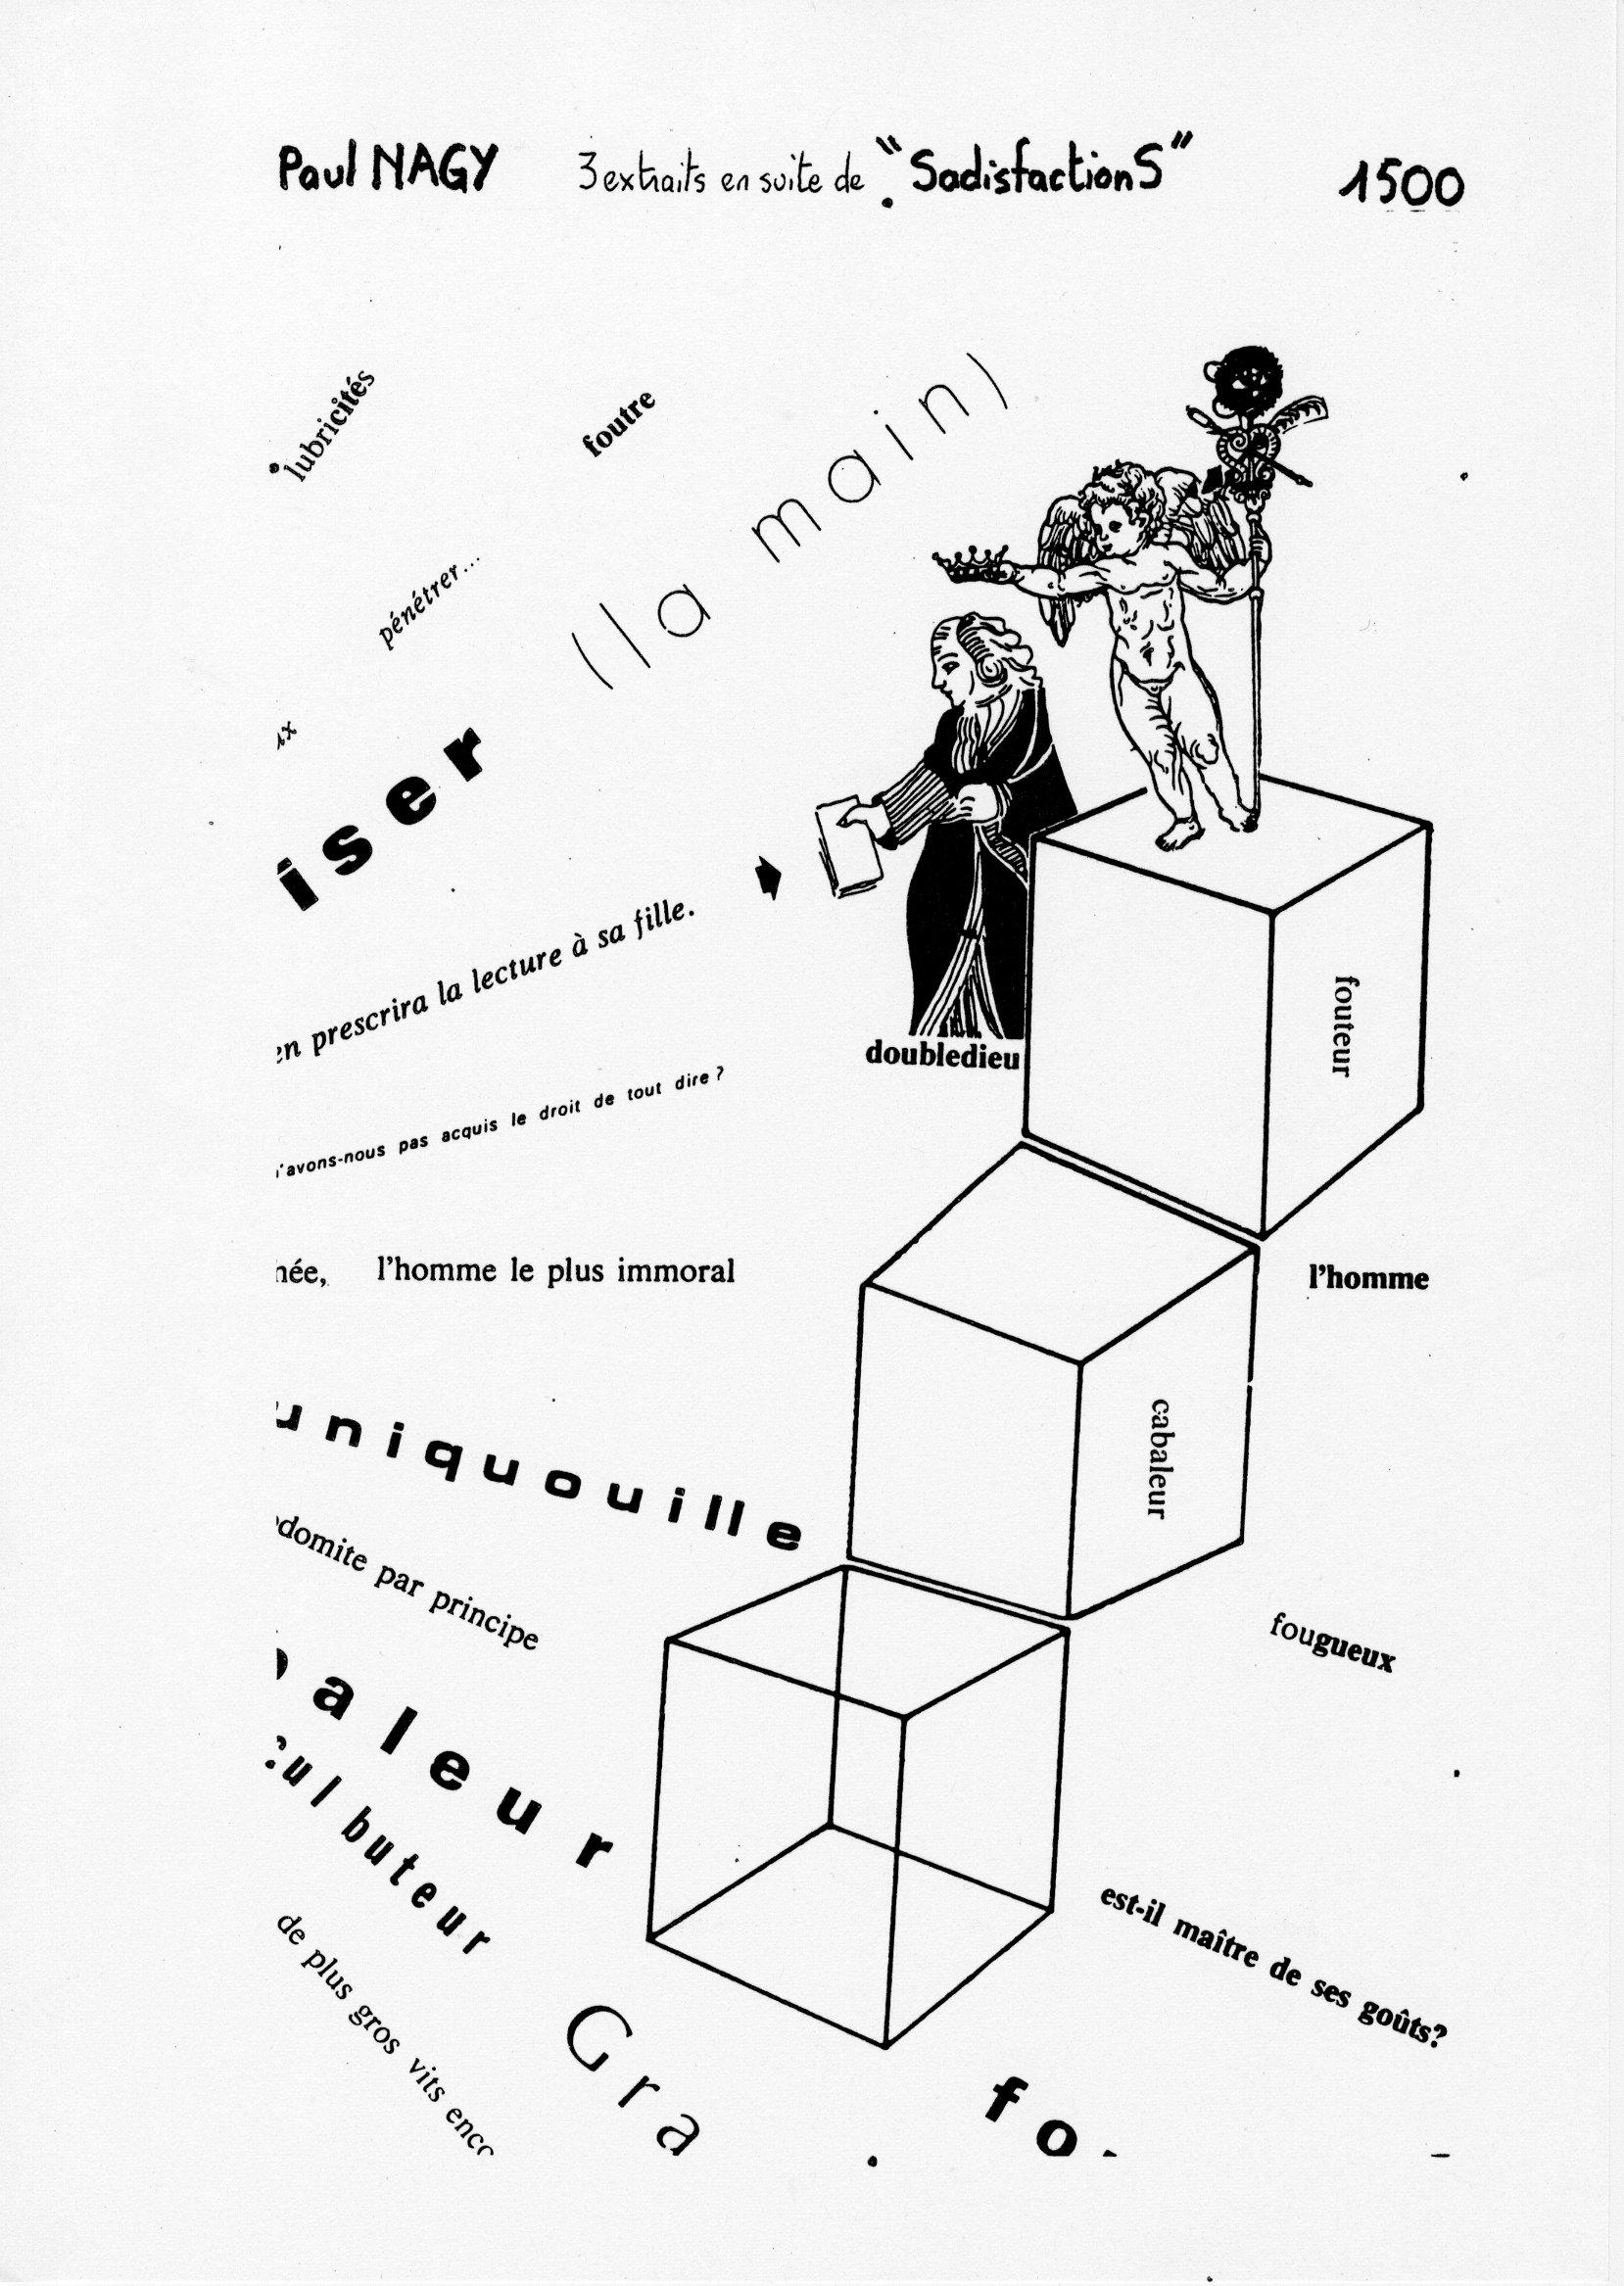 page 1500 P. Nagy 3 extraits en suite de SadisfactionS